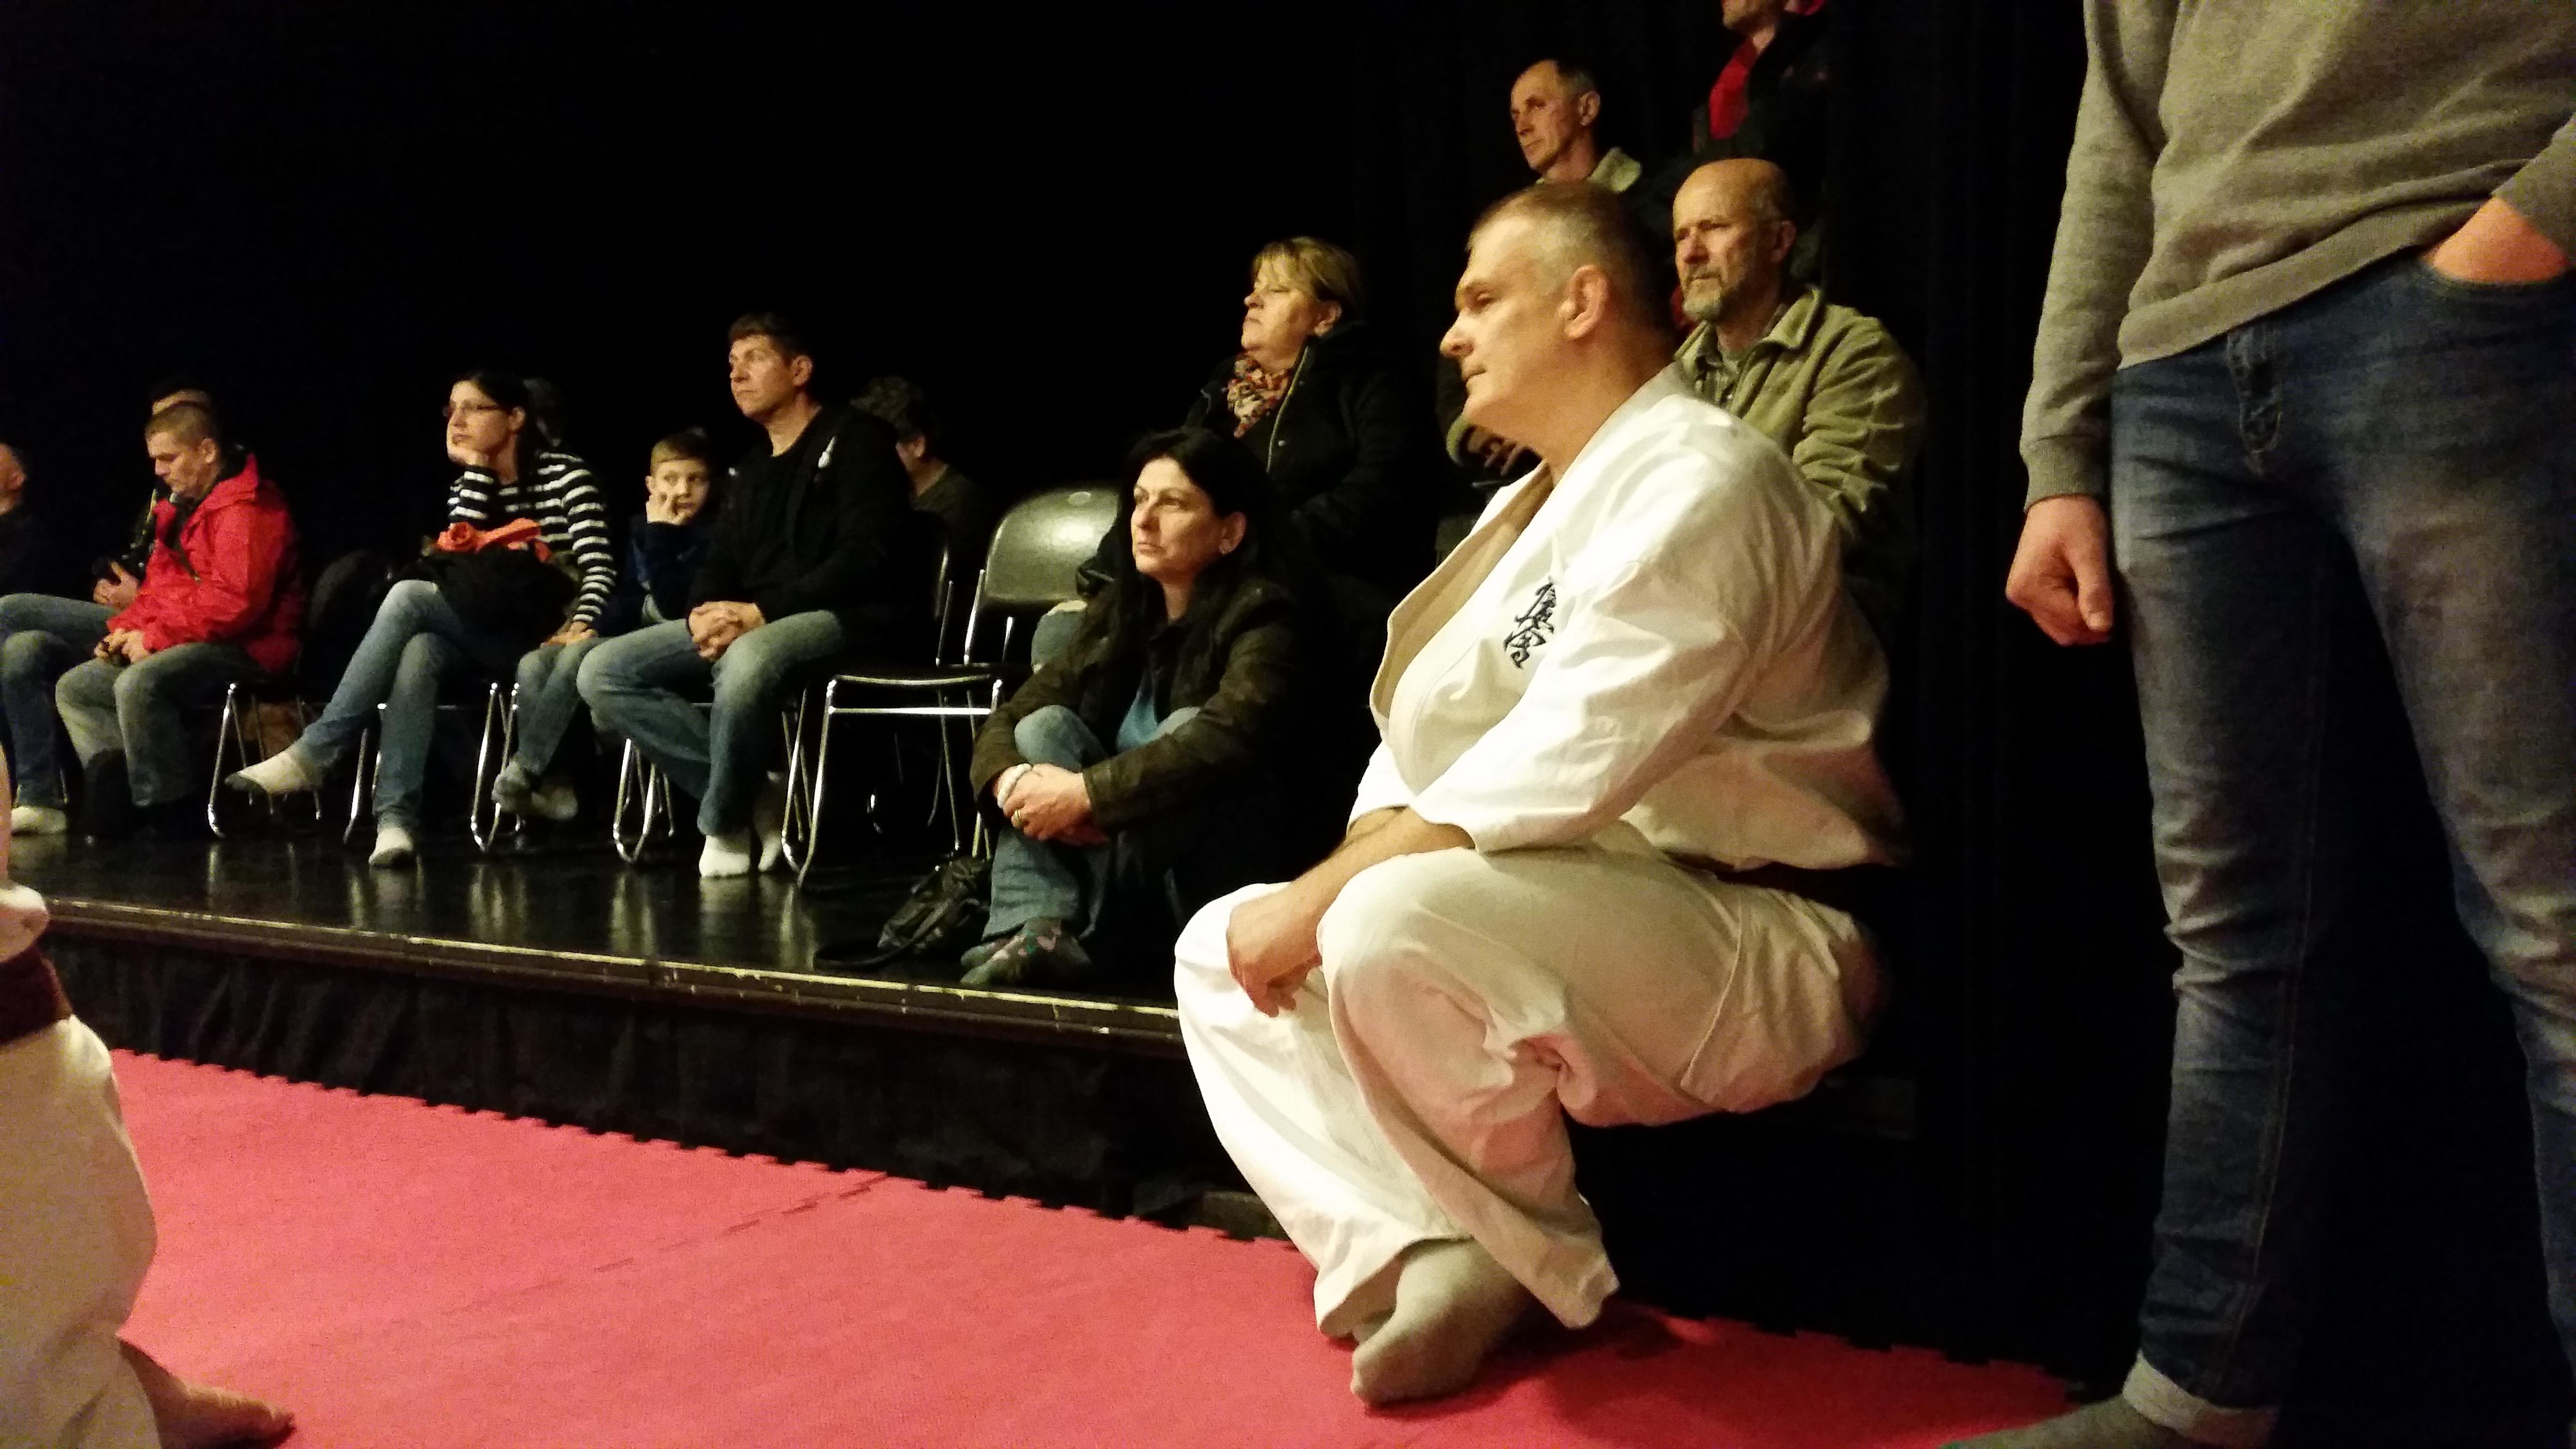 Wátz Gábor a közönség soraiból figyelte az edzést